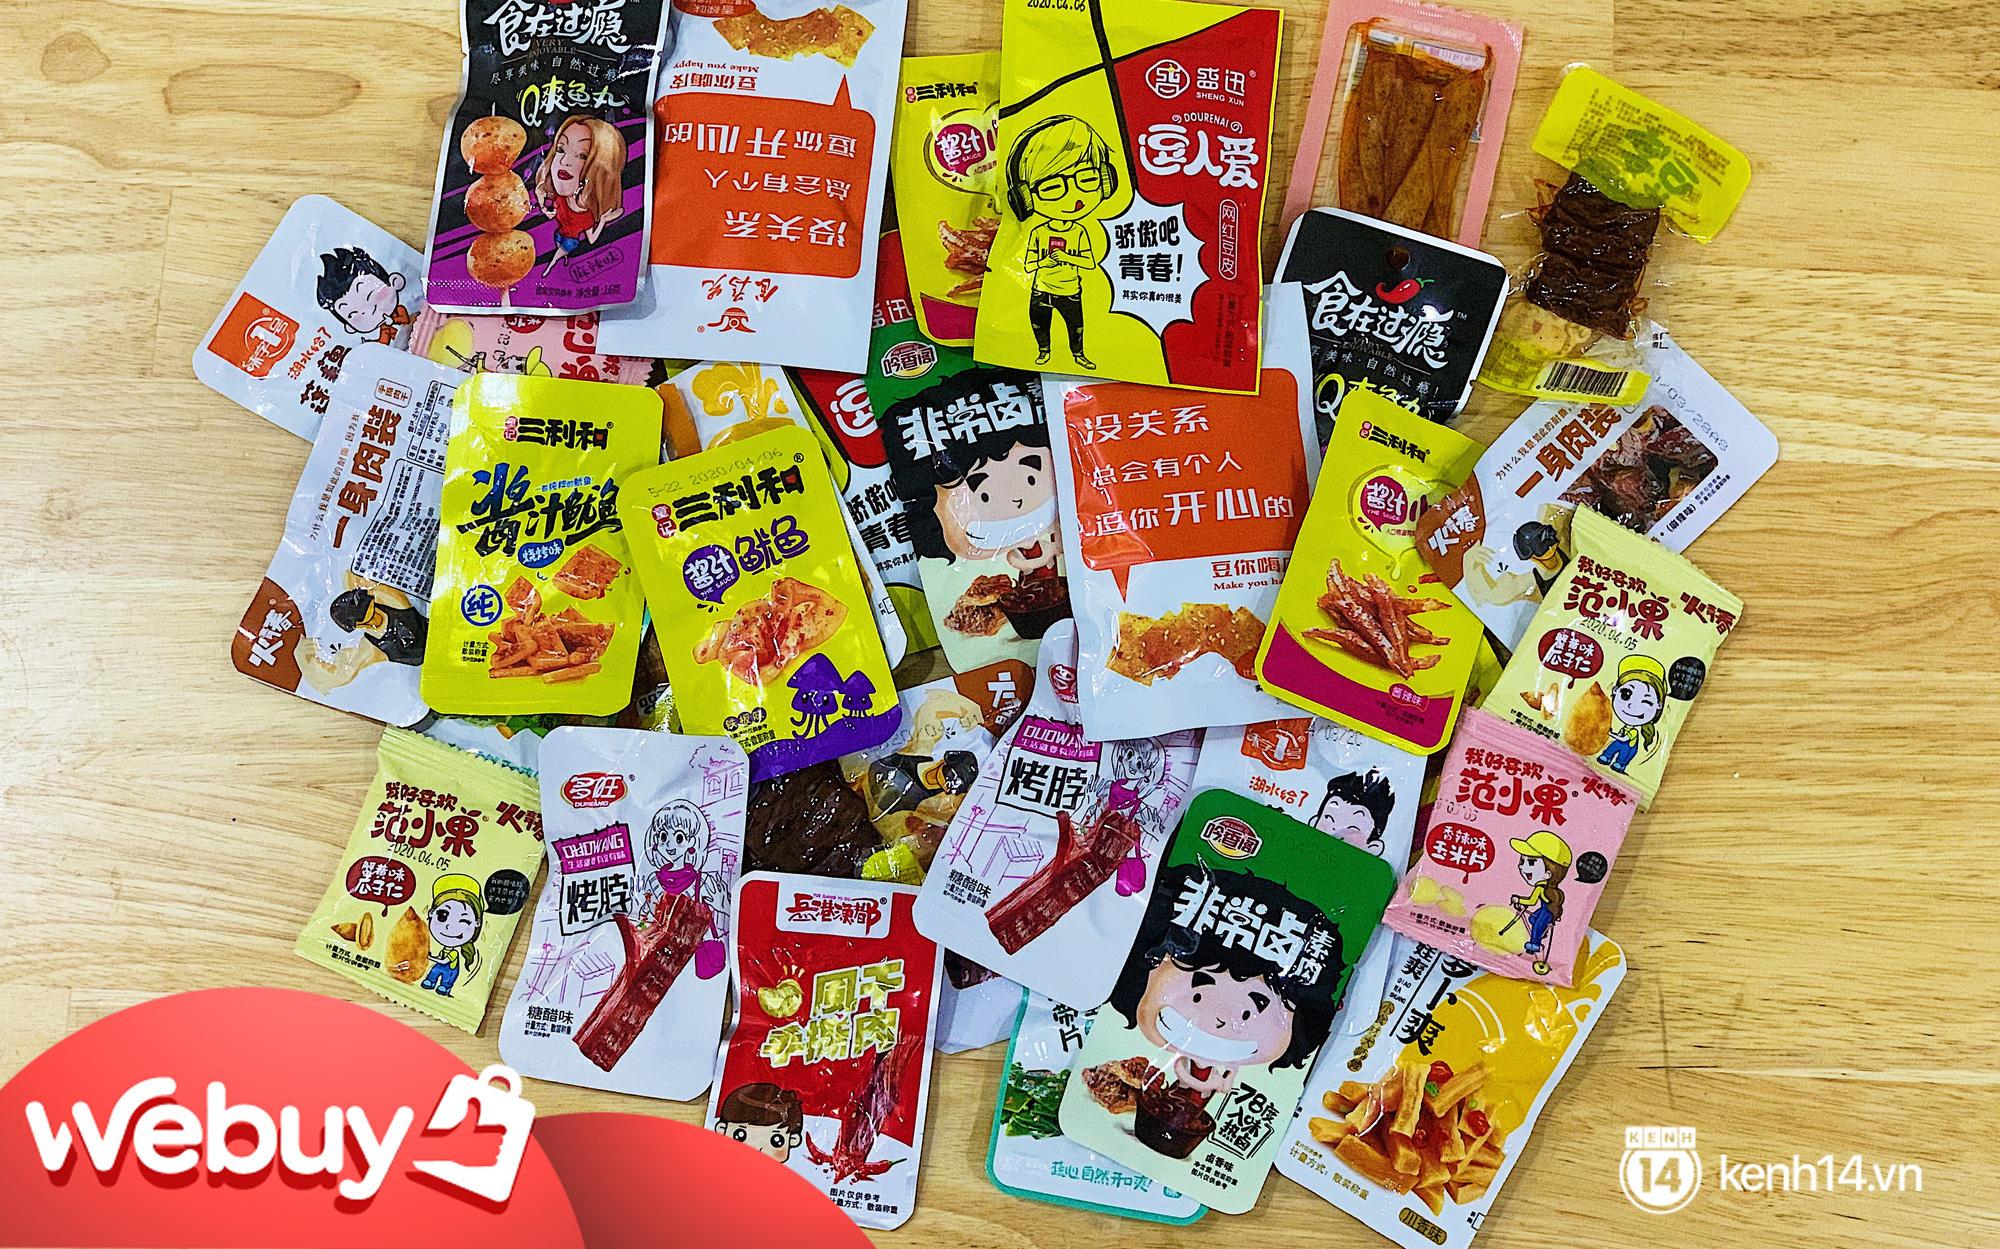 Review set đồ ăn vặt nội địa Trung Quốc hot hit gần đây